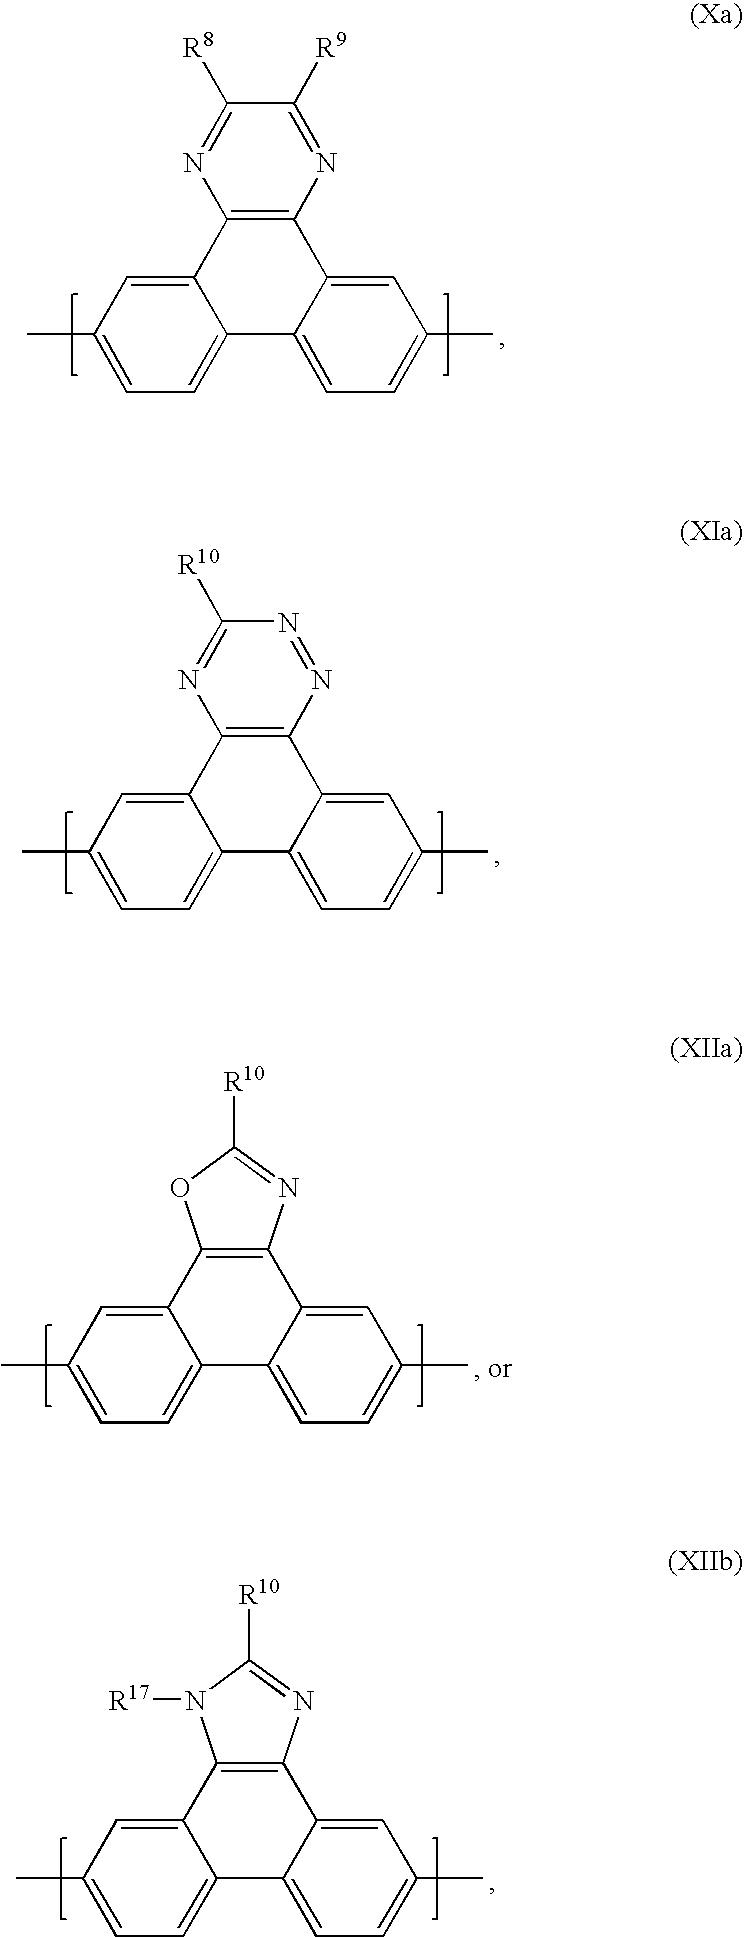 Figure US20090105447A1-20090423-C00054